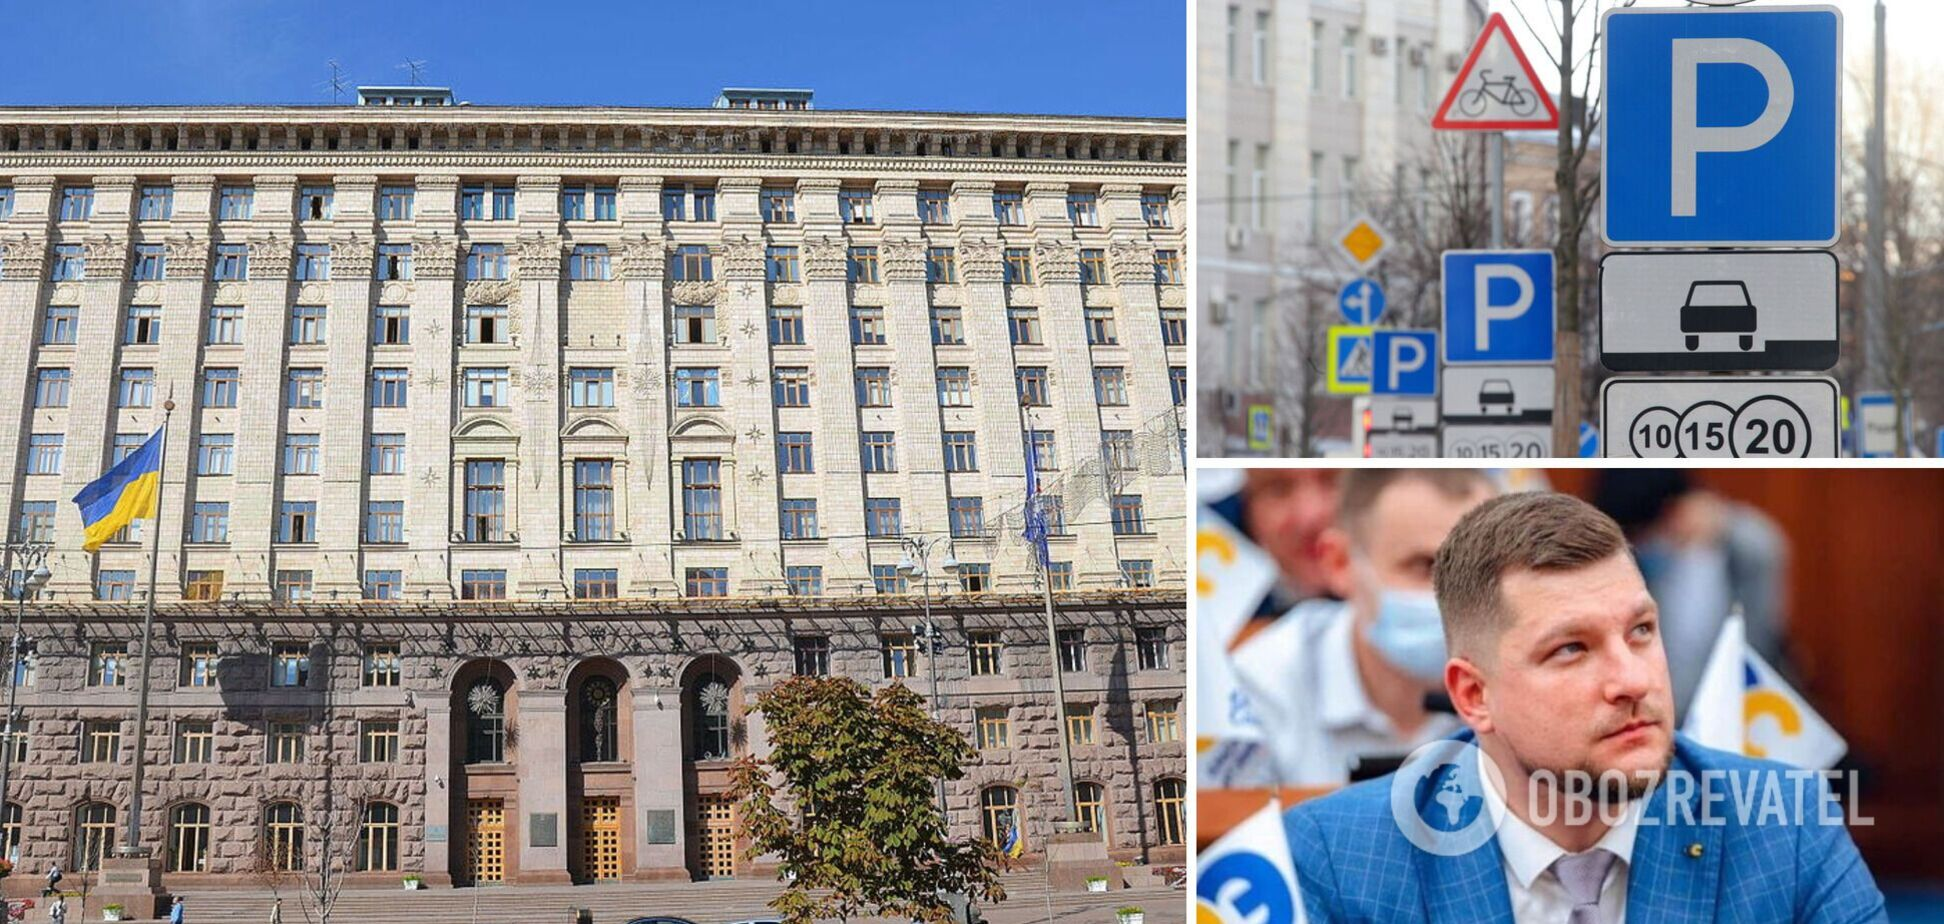 Київрада ухвалила рішення про безкоштовну парковку для деяких категорій населення, повідомив Погребиський